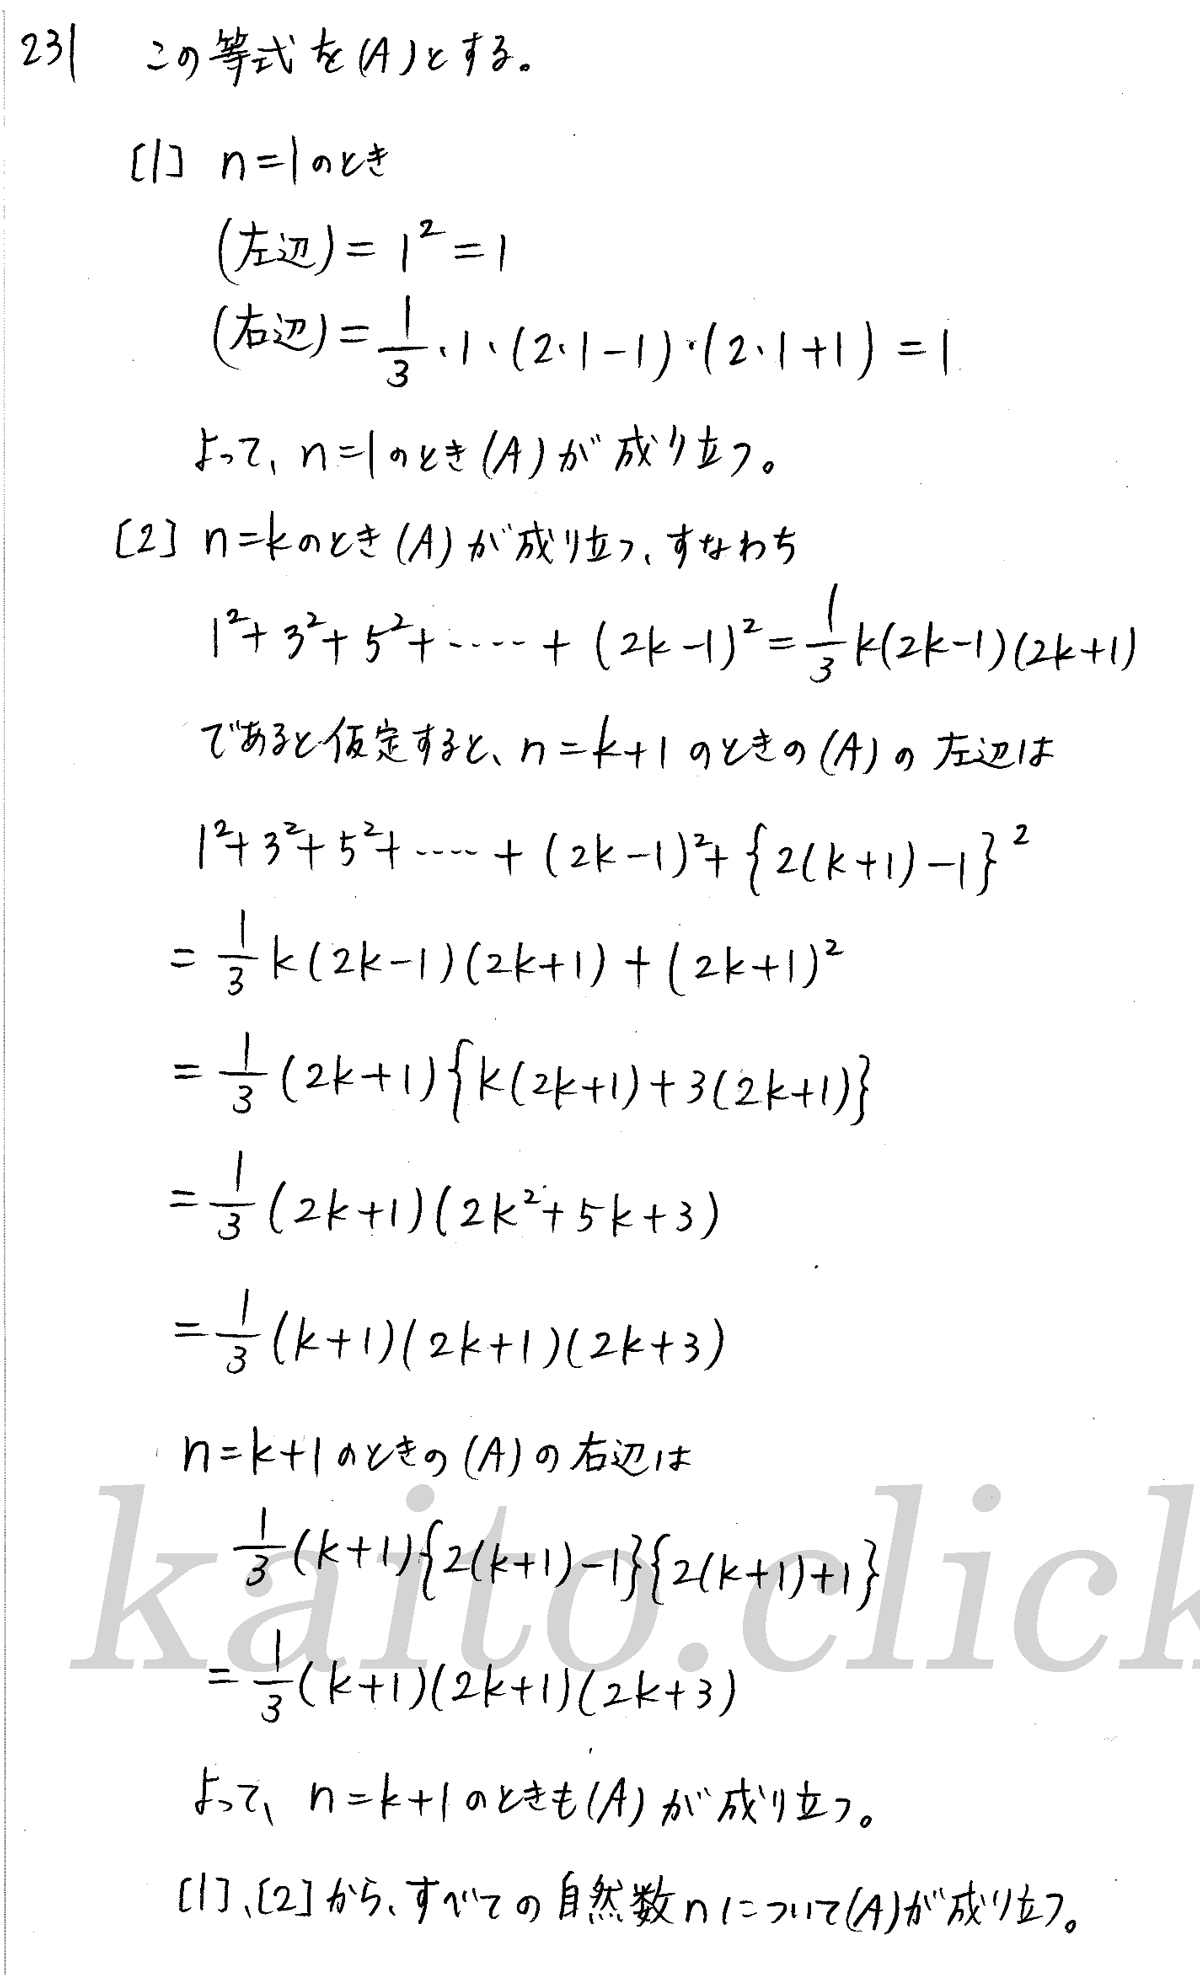 クリアー数学B-231解答